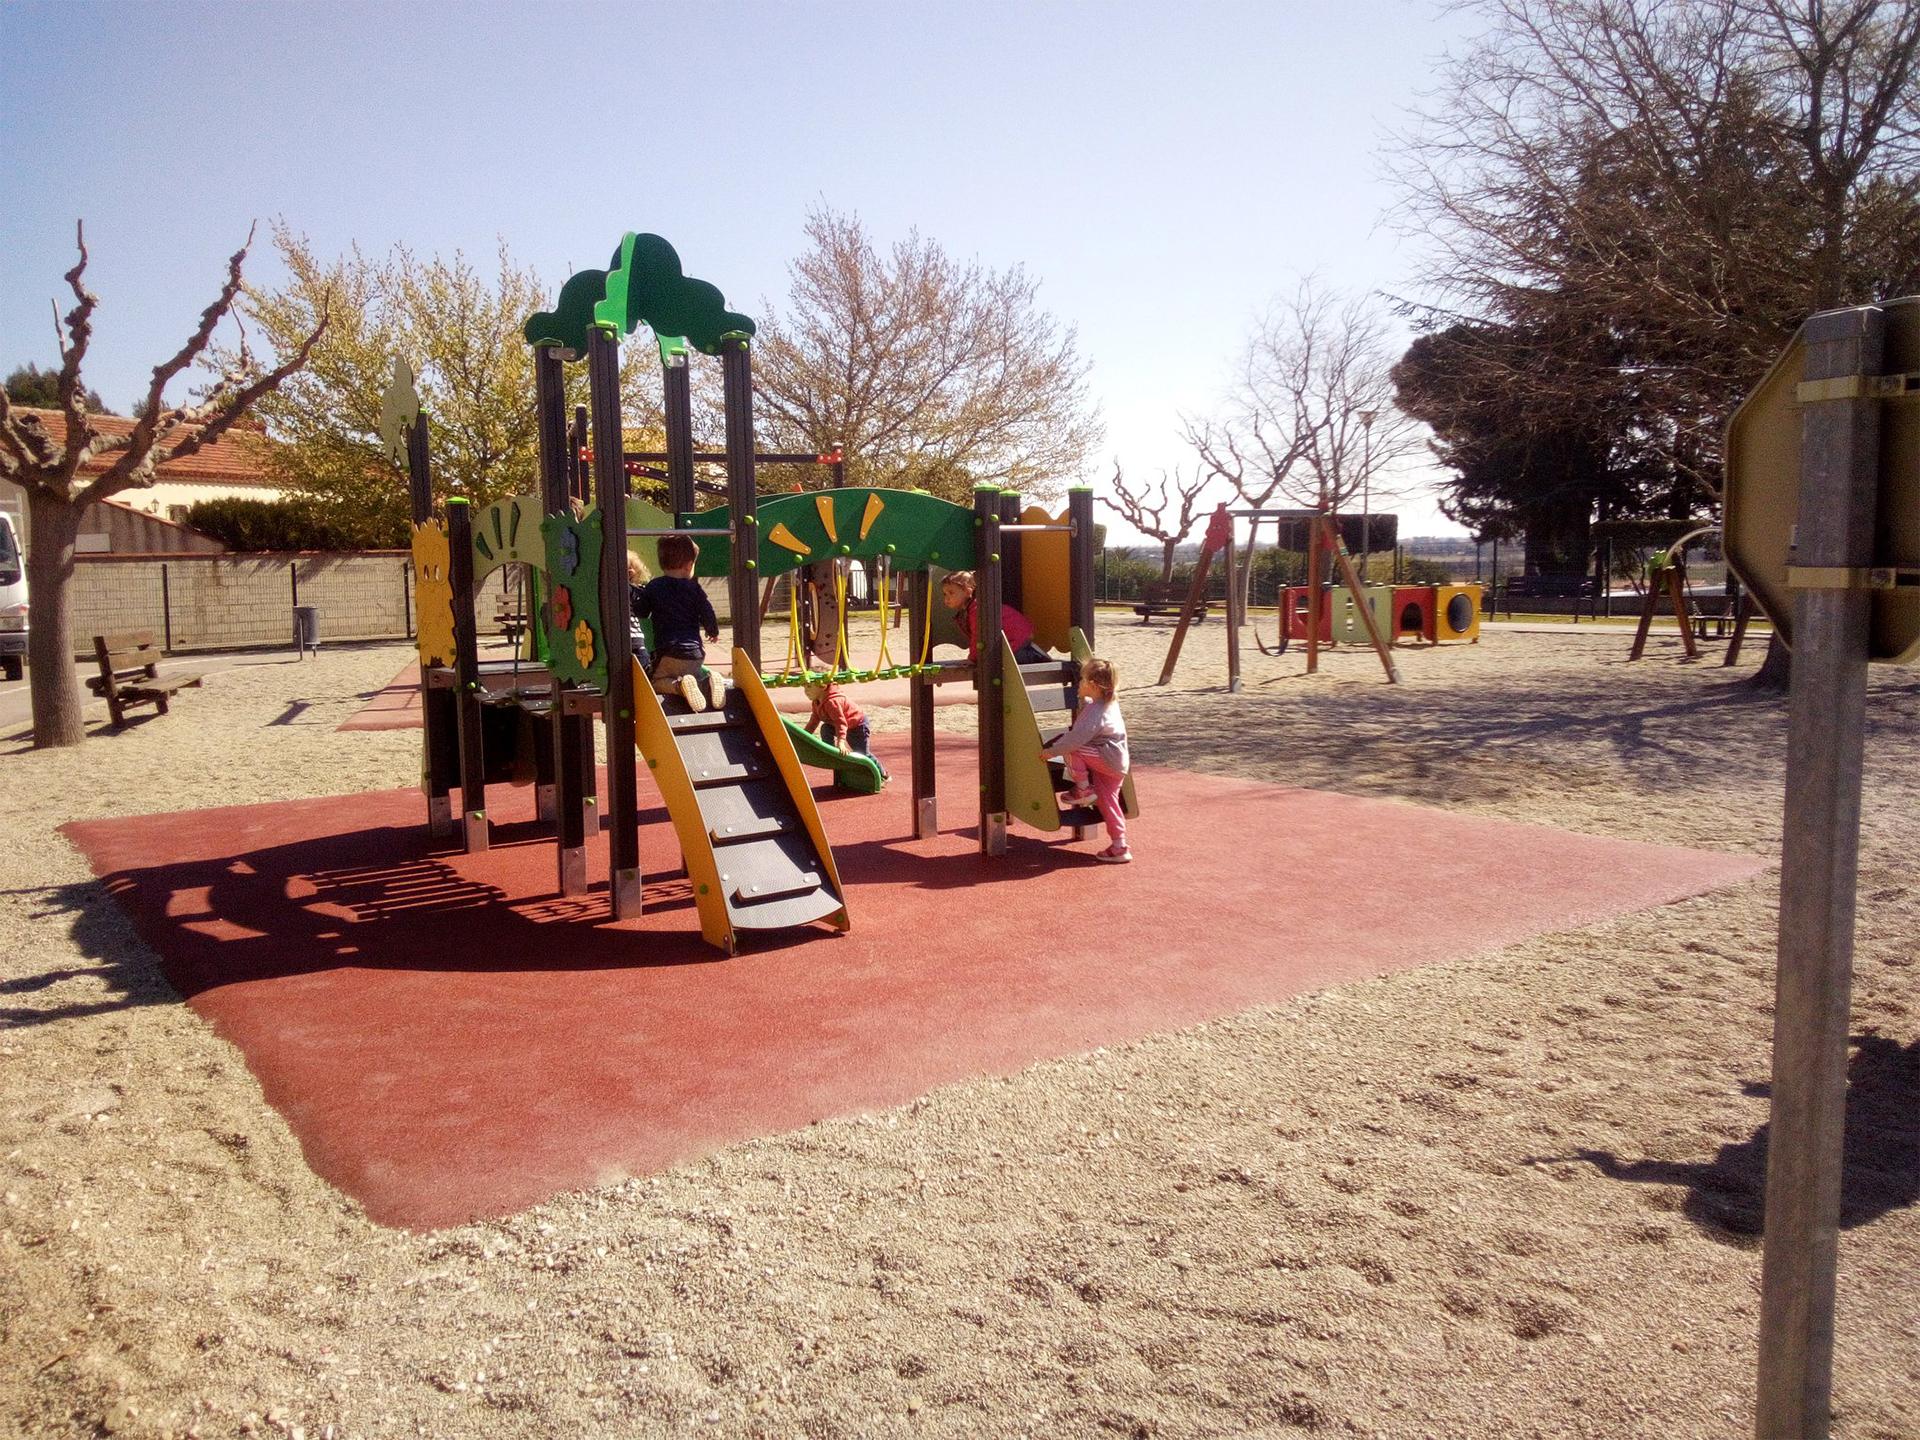 aire de jeux avec des enfants